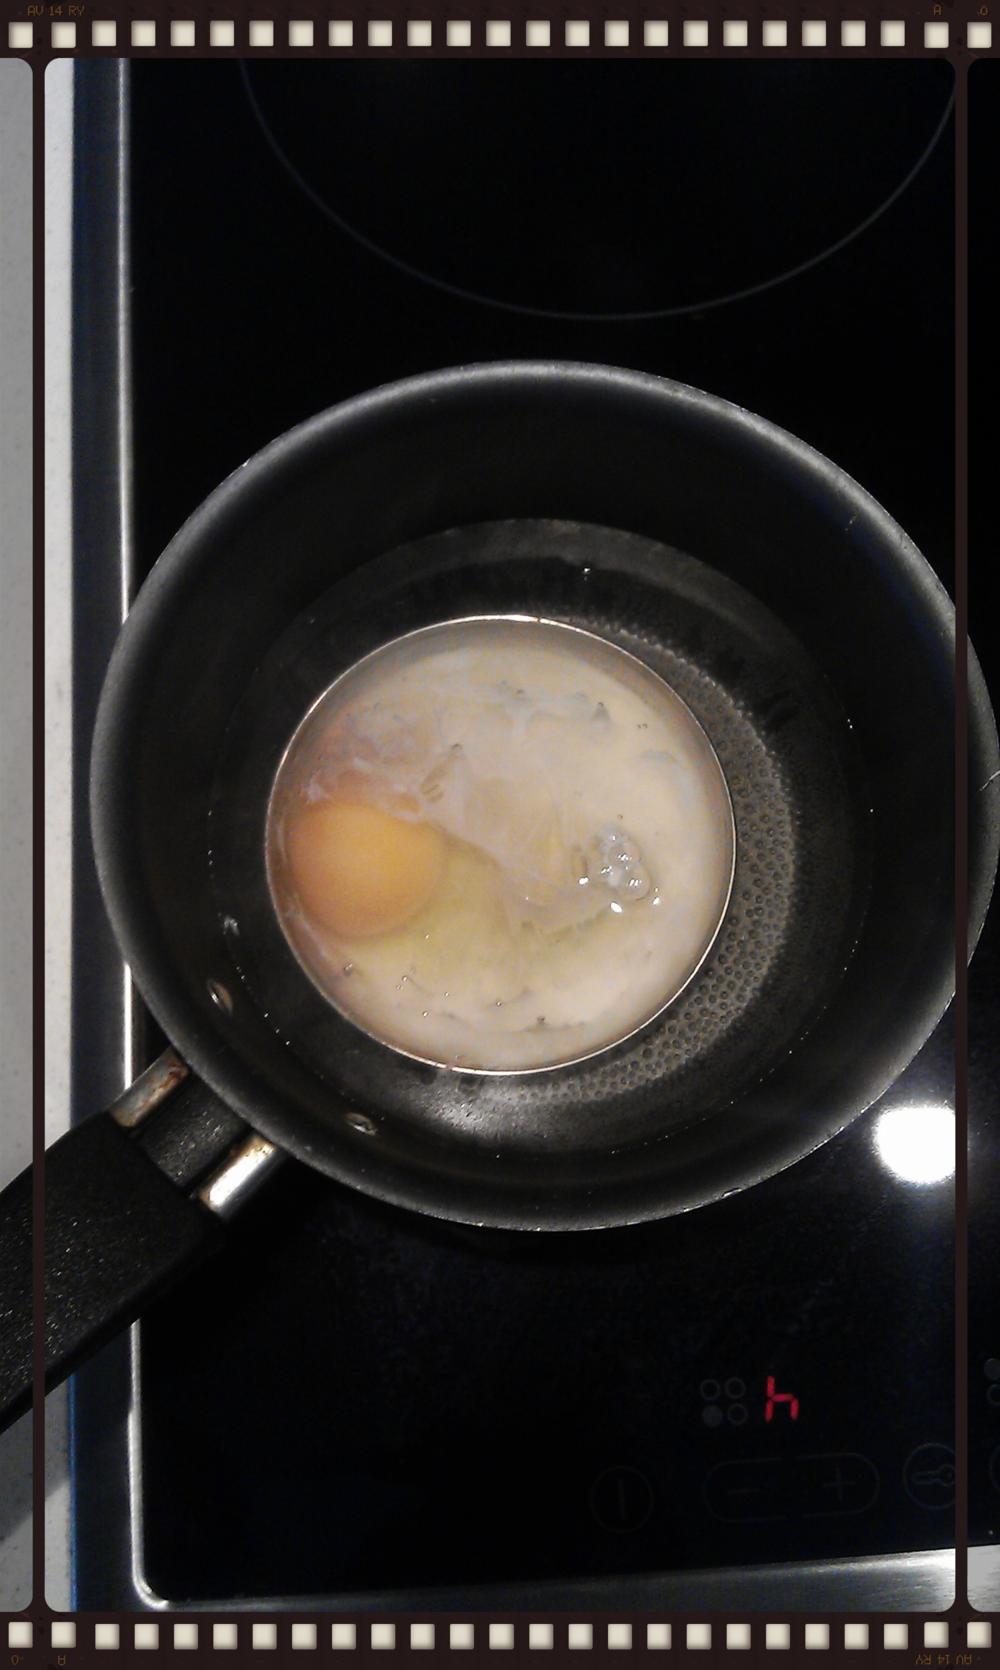 Βάζουμε το αβγό μέσα στο καπάκι.